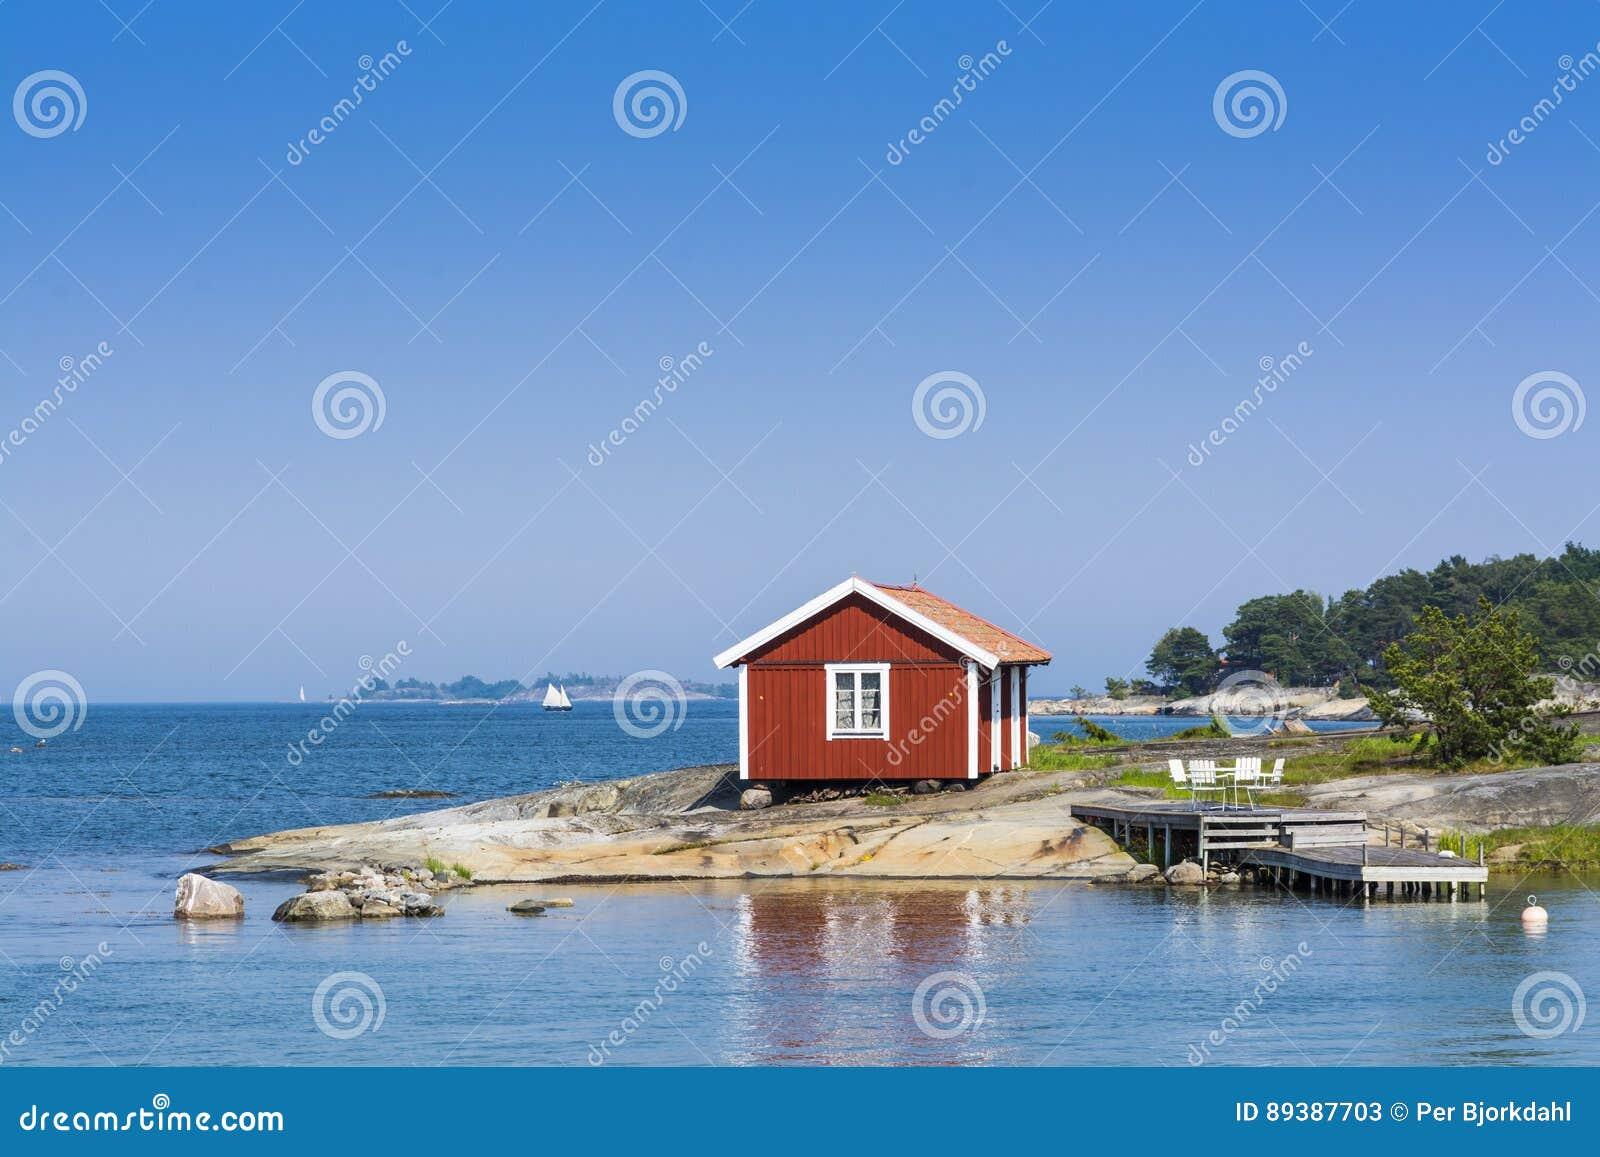 斯德哥尔摩群岛:小红色summerhouse